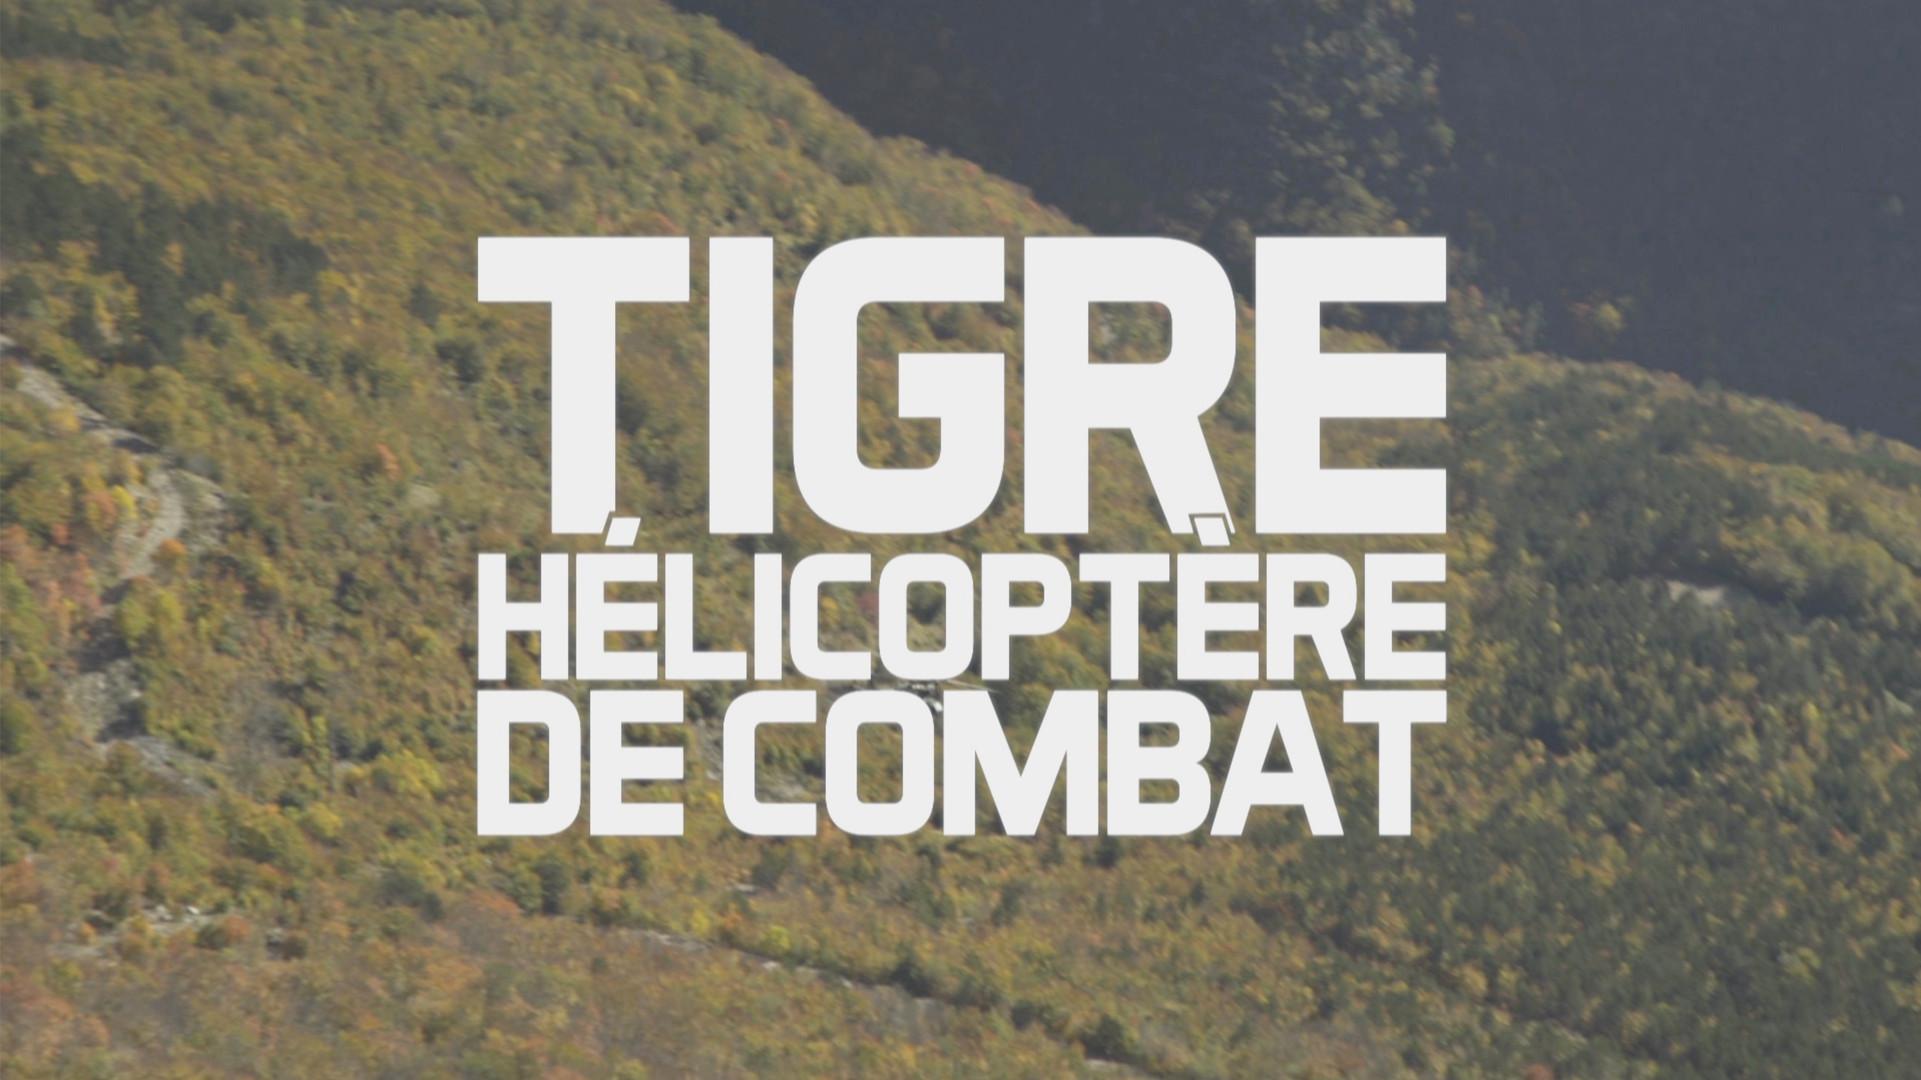 Tigre, Hélicoptère de Combat • 2017 (52 min)